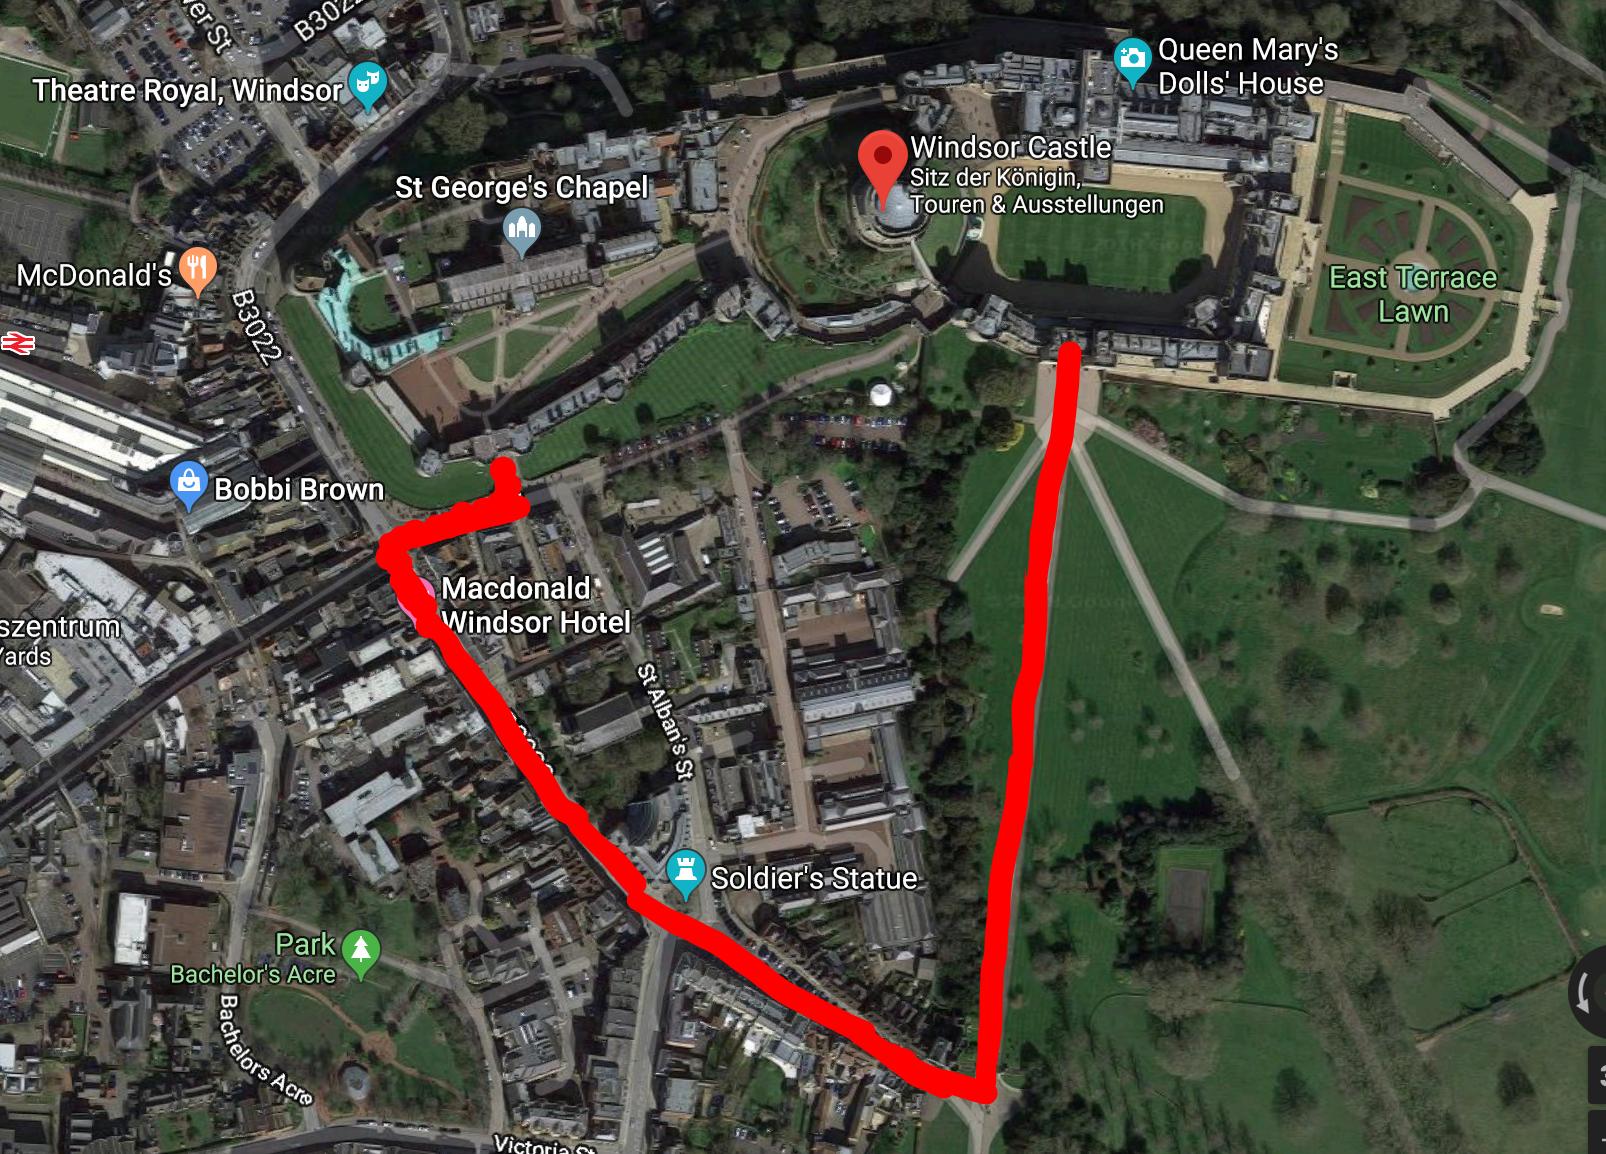 """Diese Route nehmen Prinzessin Eugenie und Jack Brooksbank mit der Kutsche. Sie fahren nur ein kleines Stück auf dem """"Long Walk"""".  ©Google Maps"""